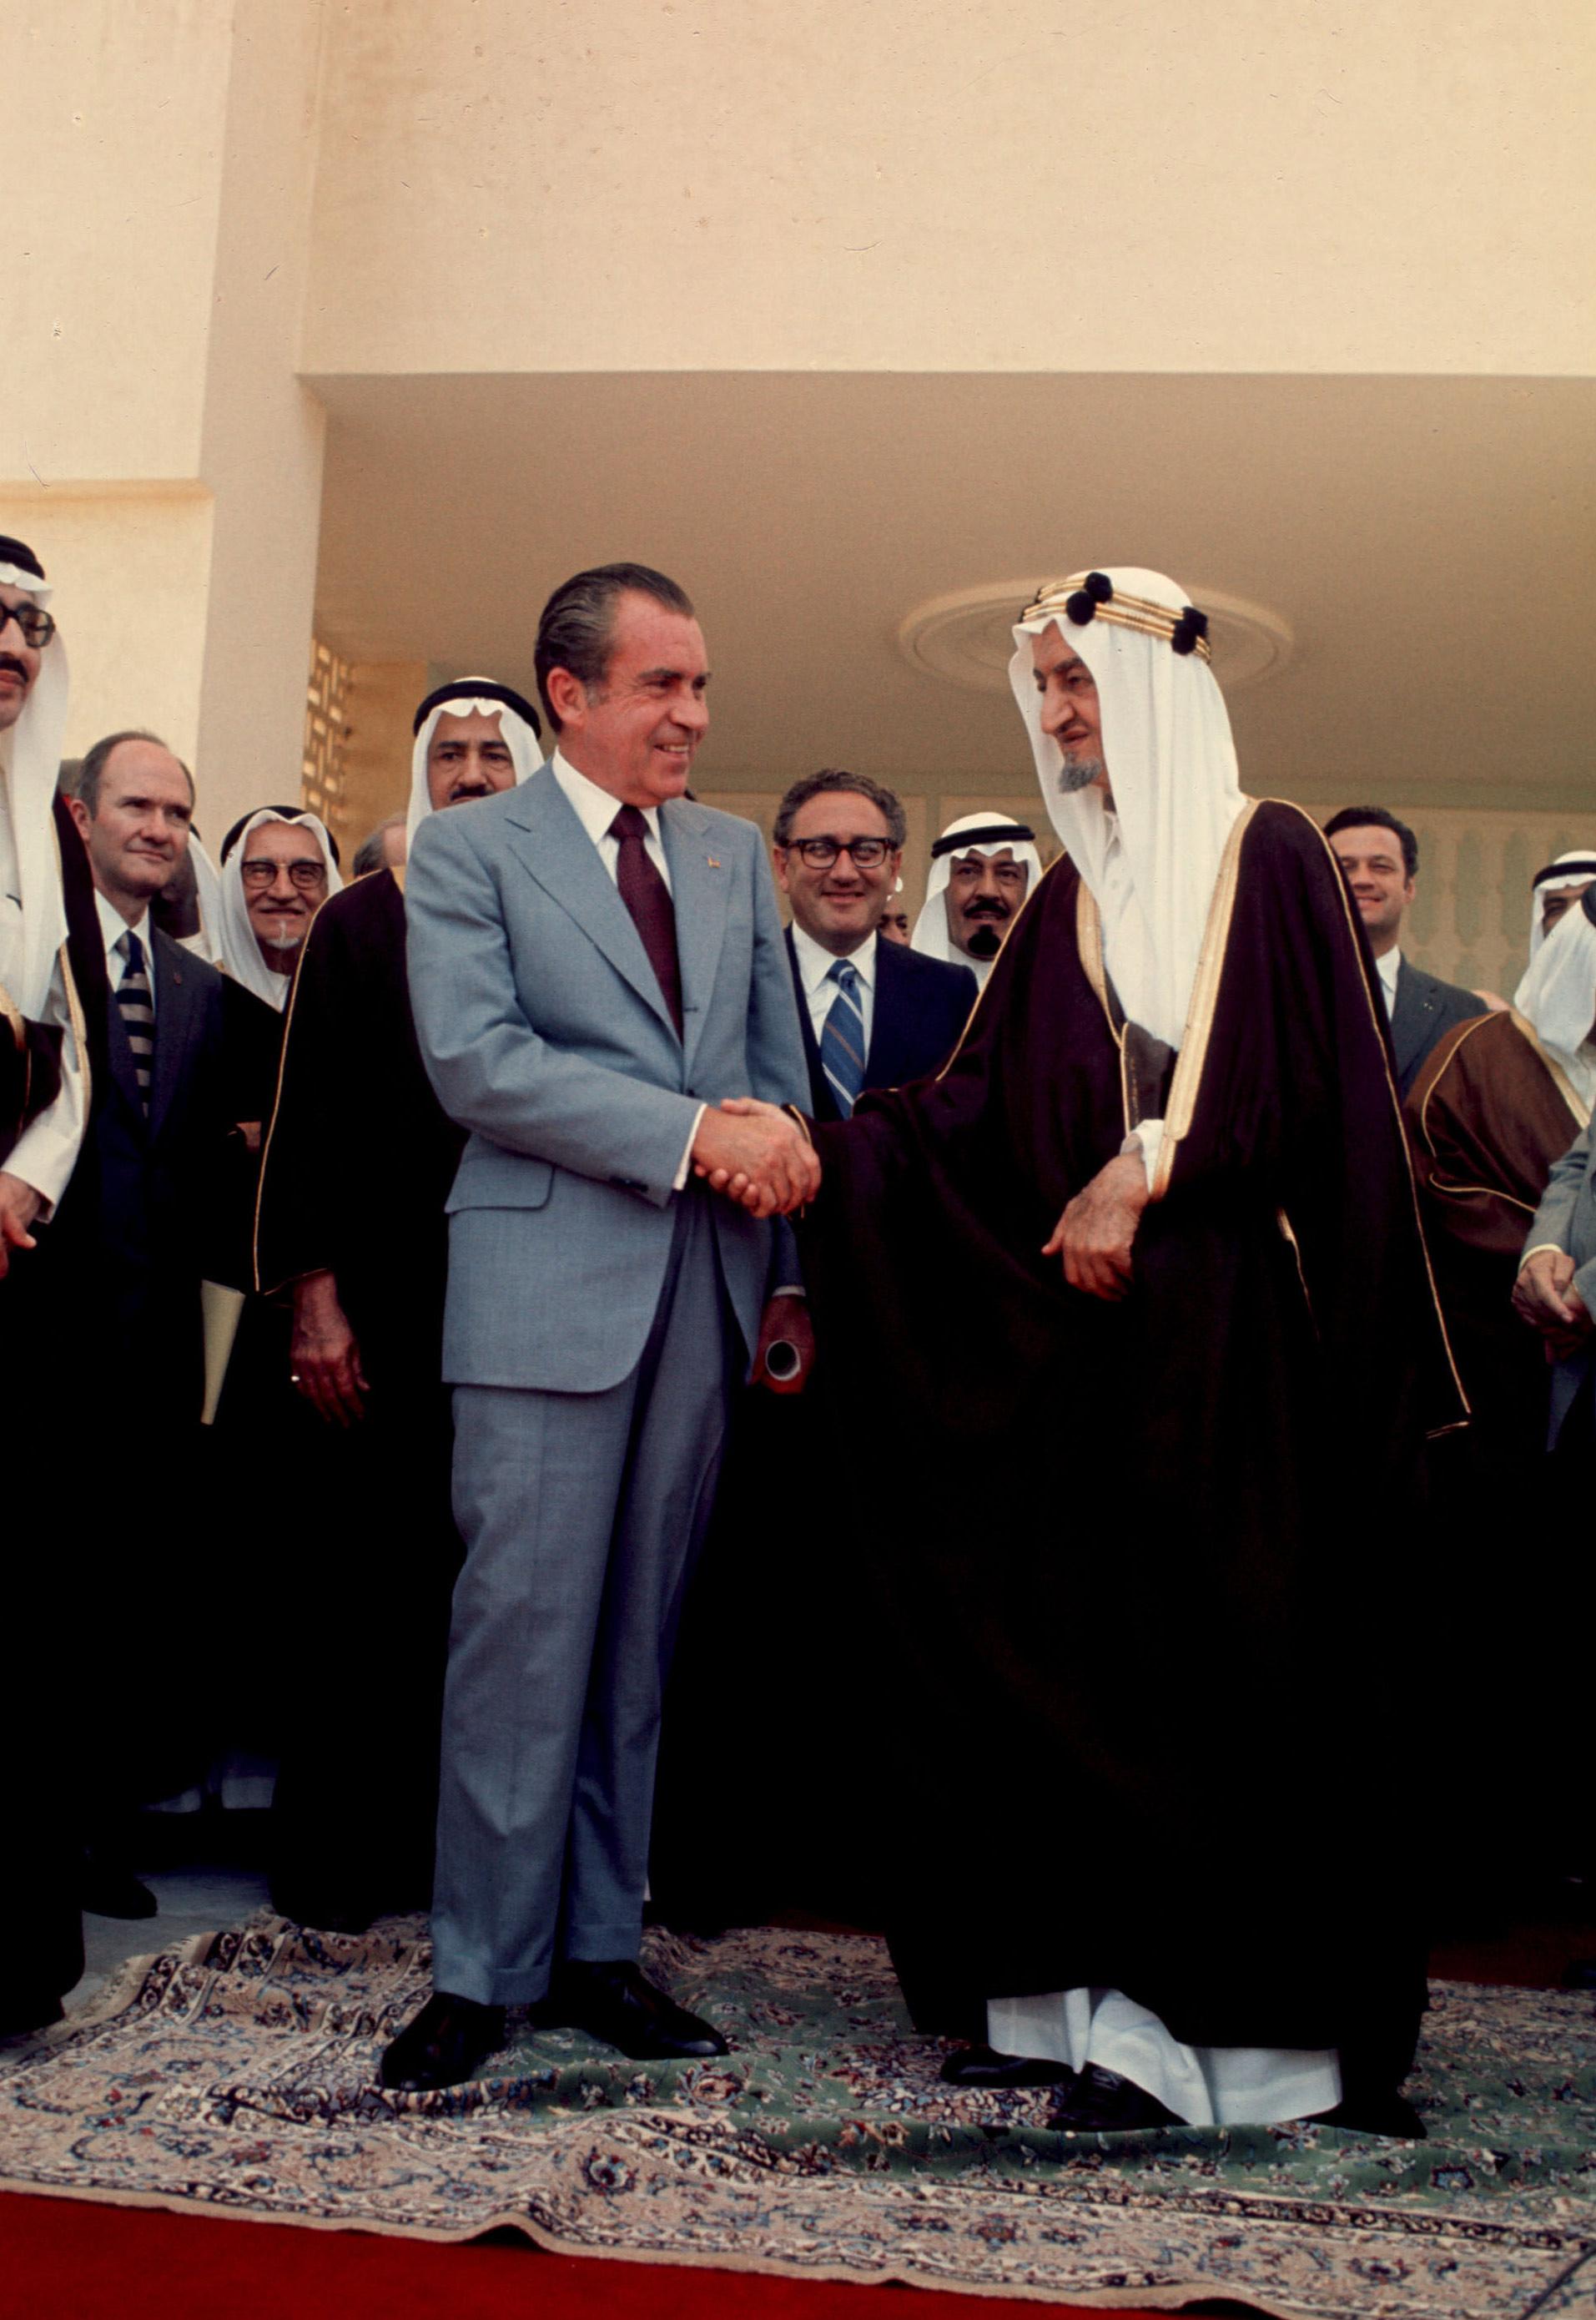 President Nixon shakes hands with Saudi King Faisal in June, 1974, in Saudi Arabia.